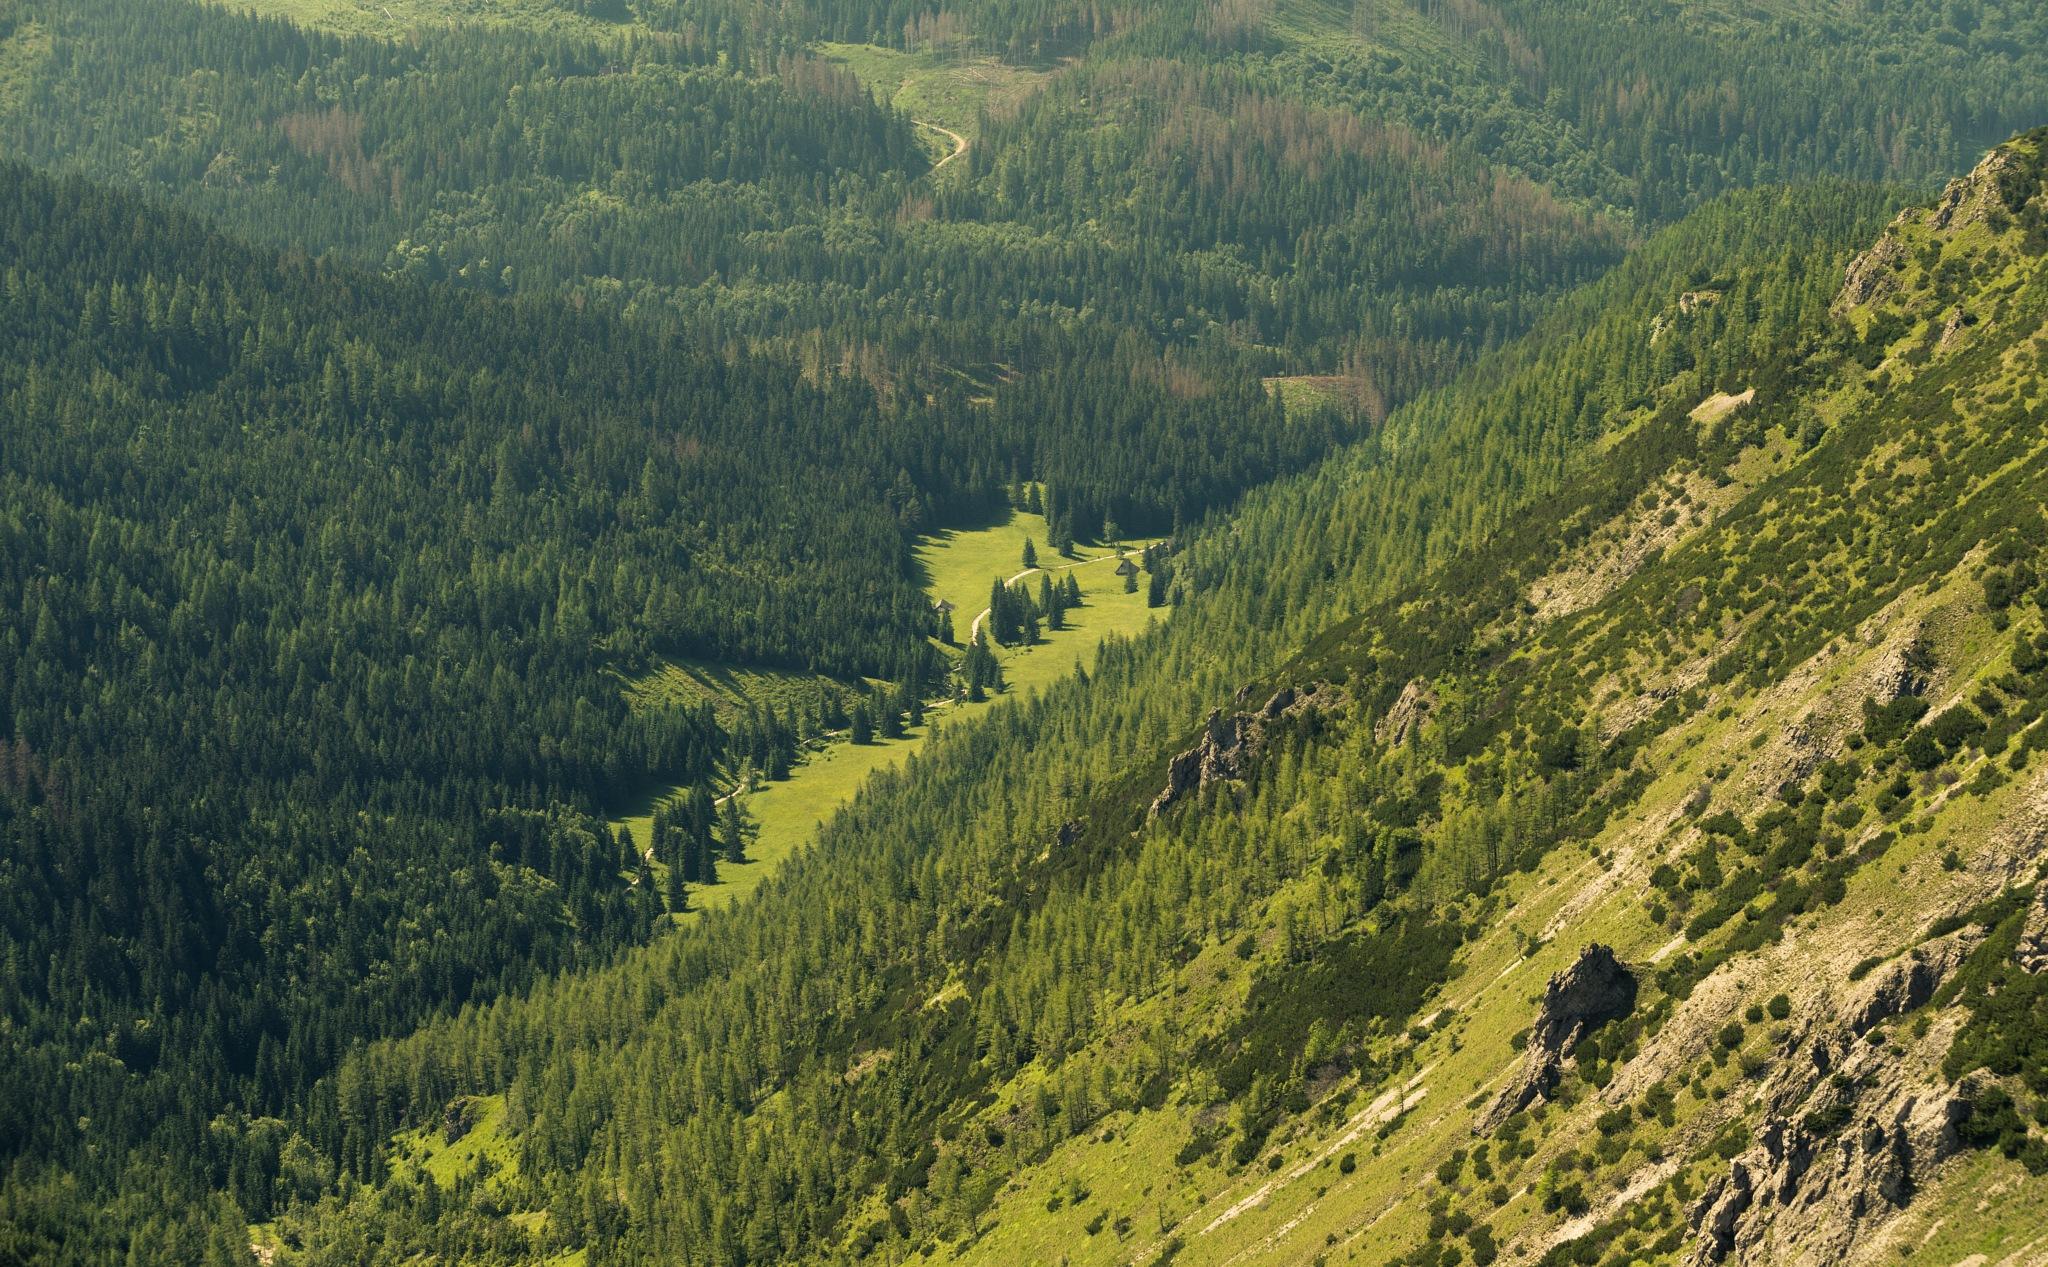 Jaworzynka Valley by tOmek